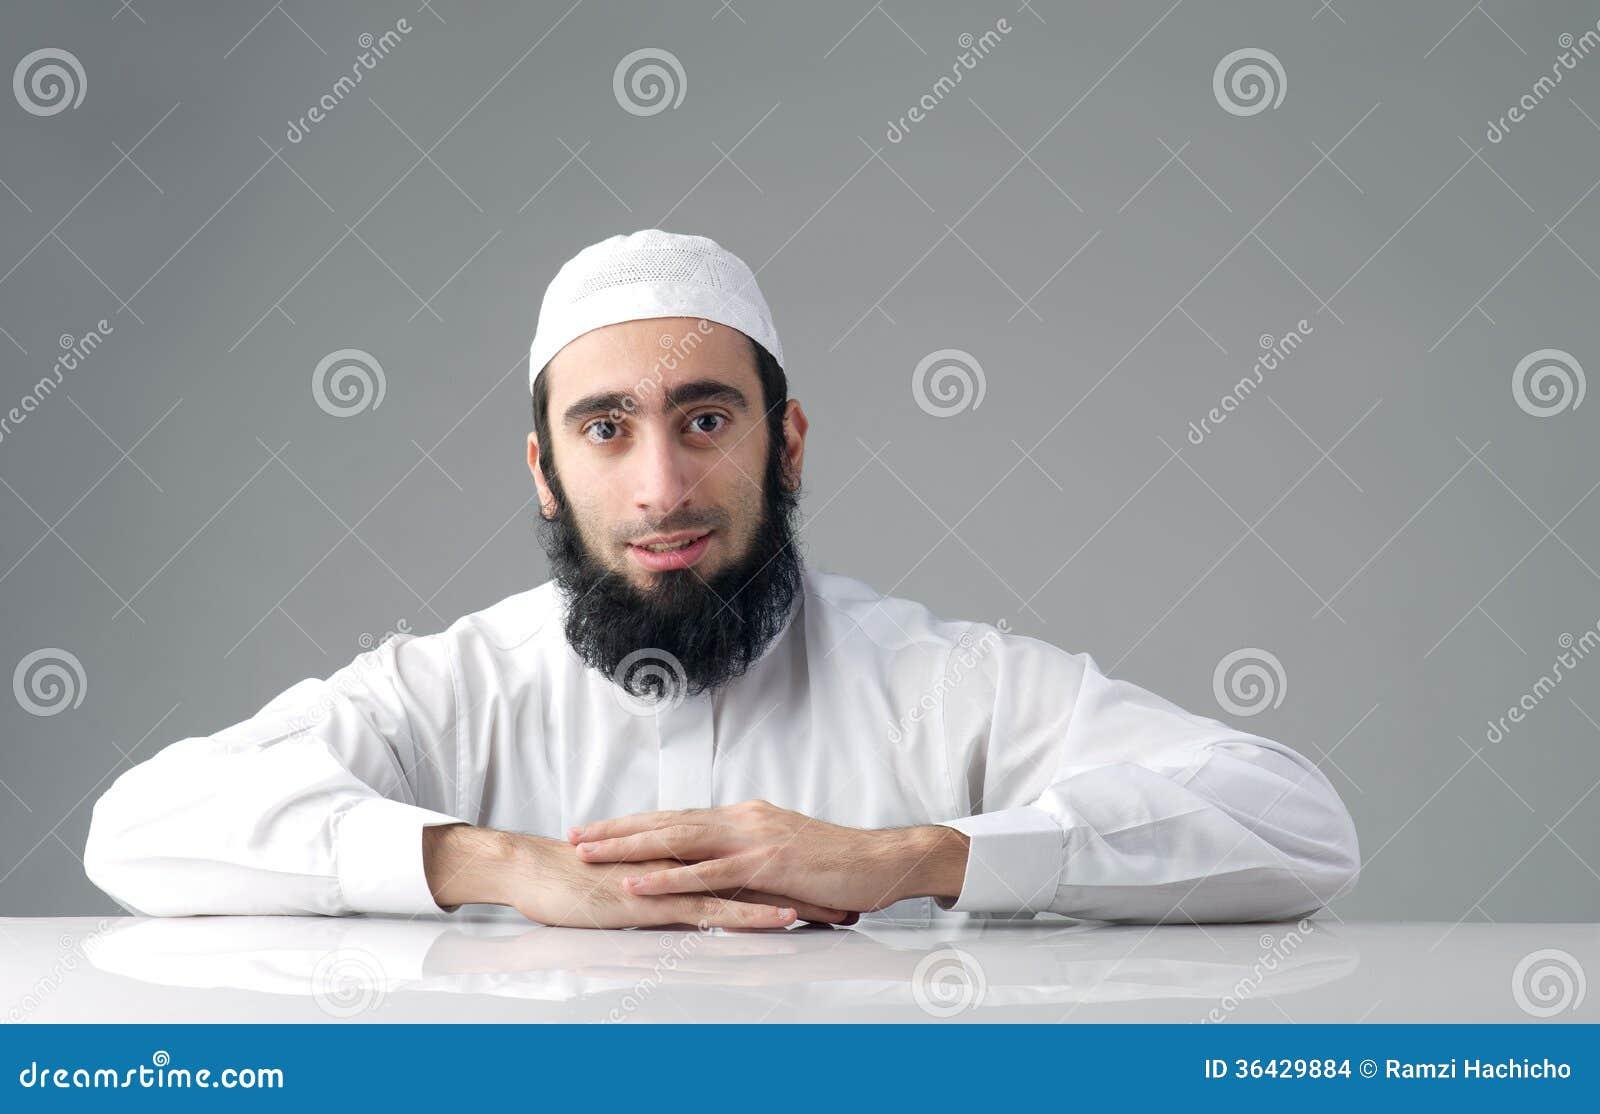 拉伯男人的性功能_有一个分蘖性胡子的阿拉伯回教人.